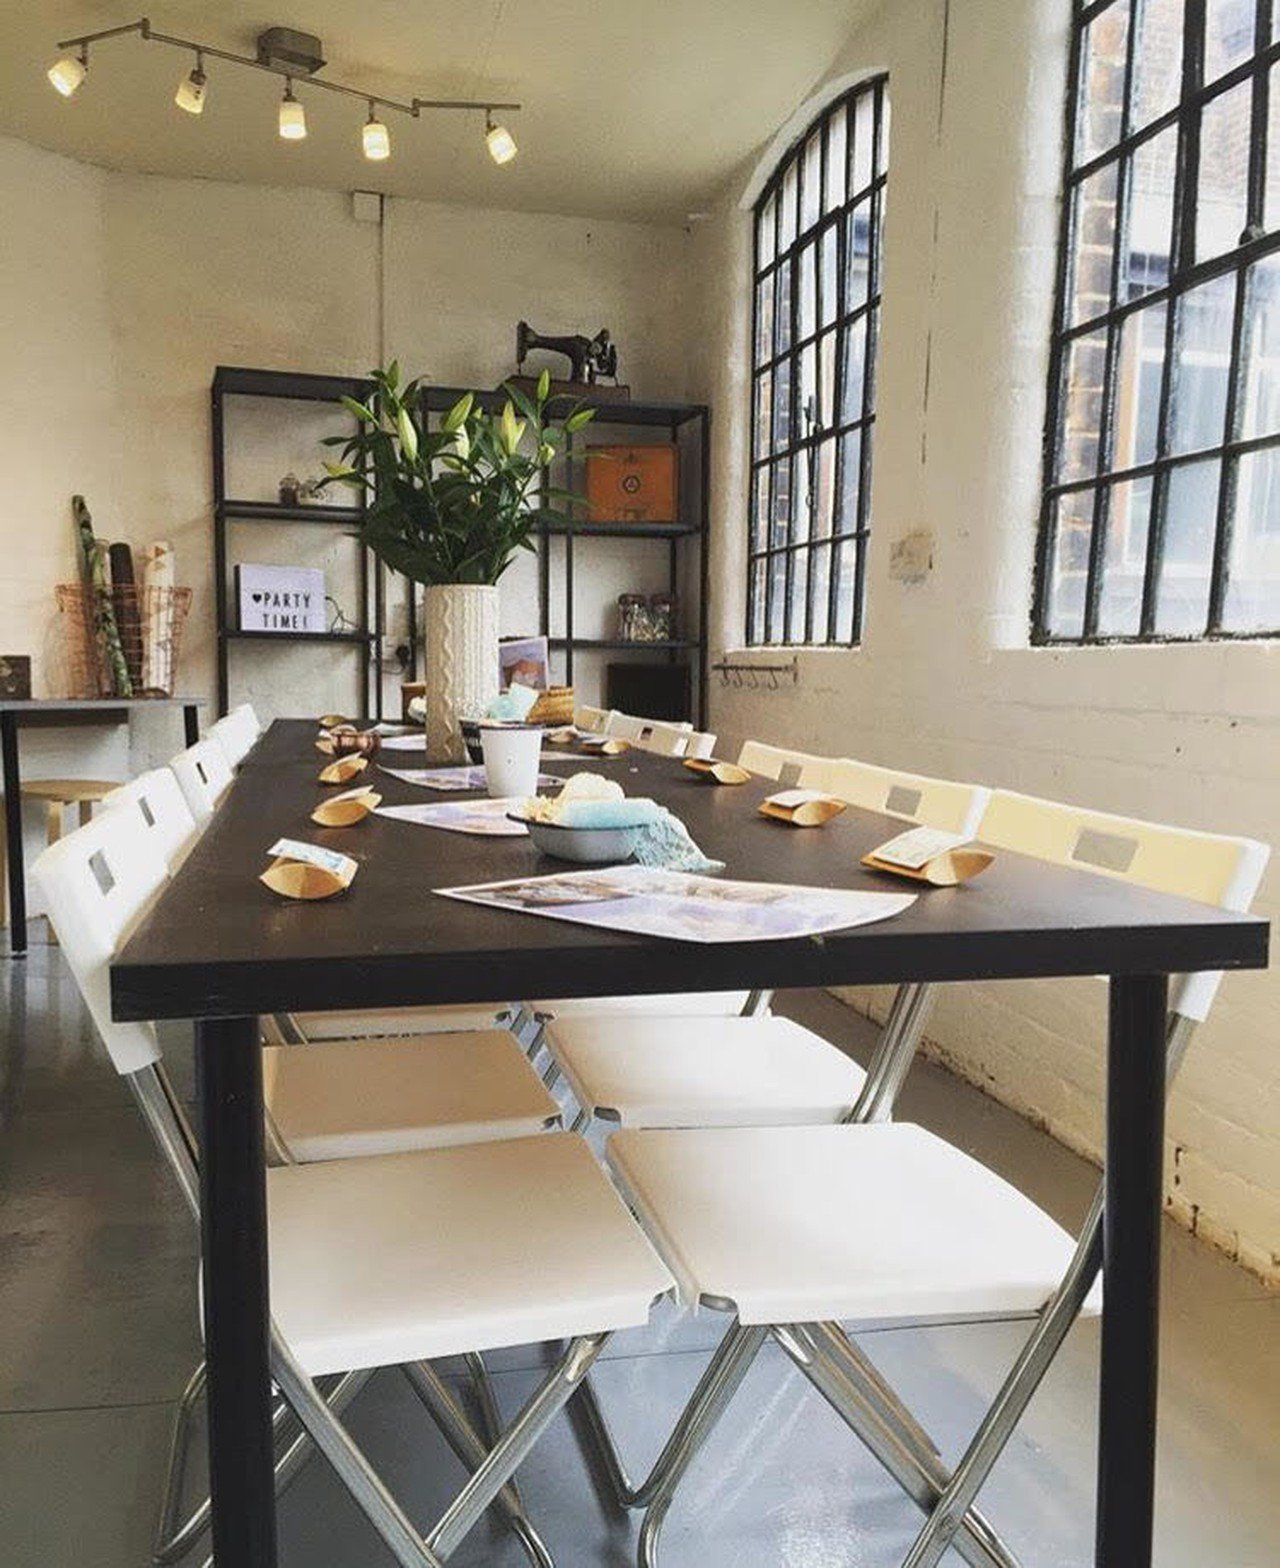 Birmingham workshop spaces Lieu industriel The Crafts Collective image 3